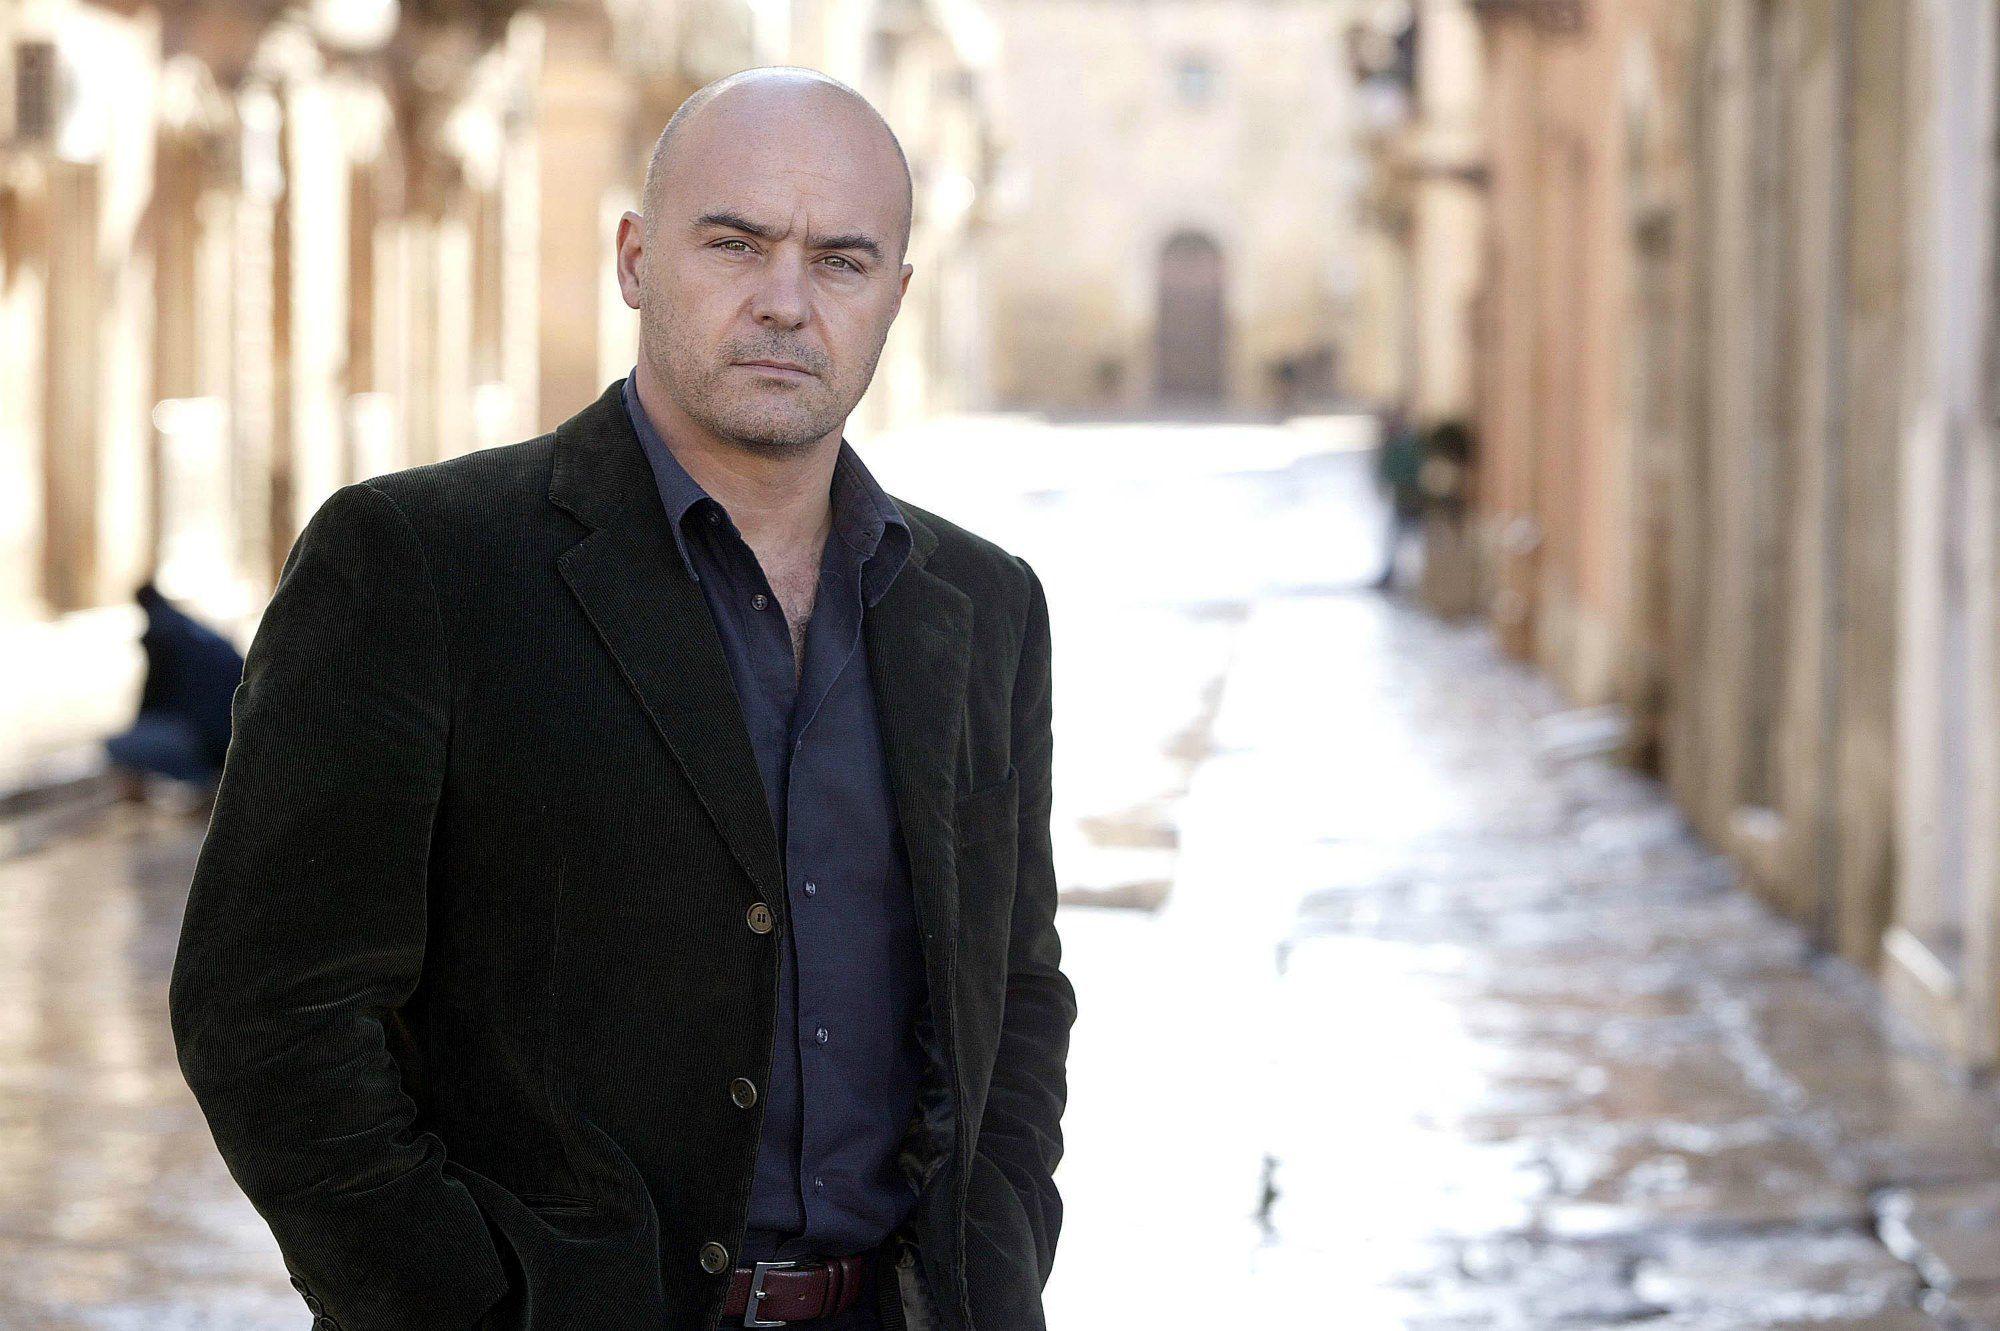 El Comisario Montalbano, una de las series italianas más importantes